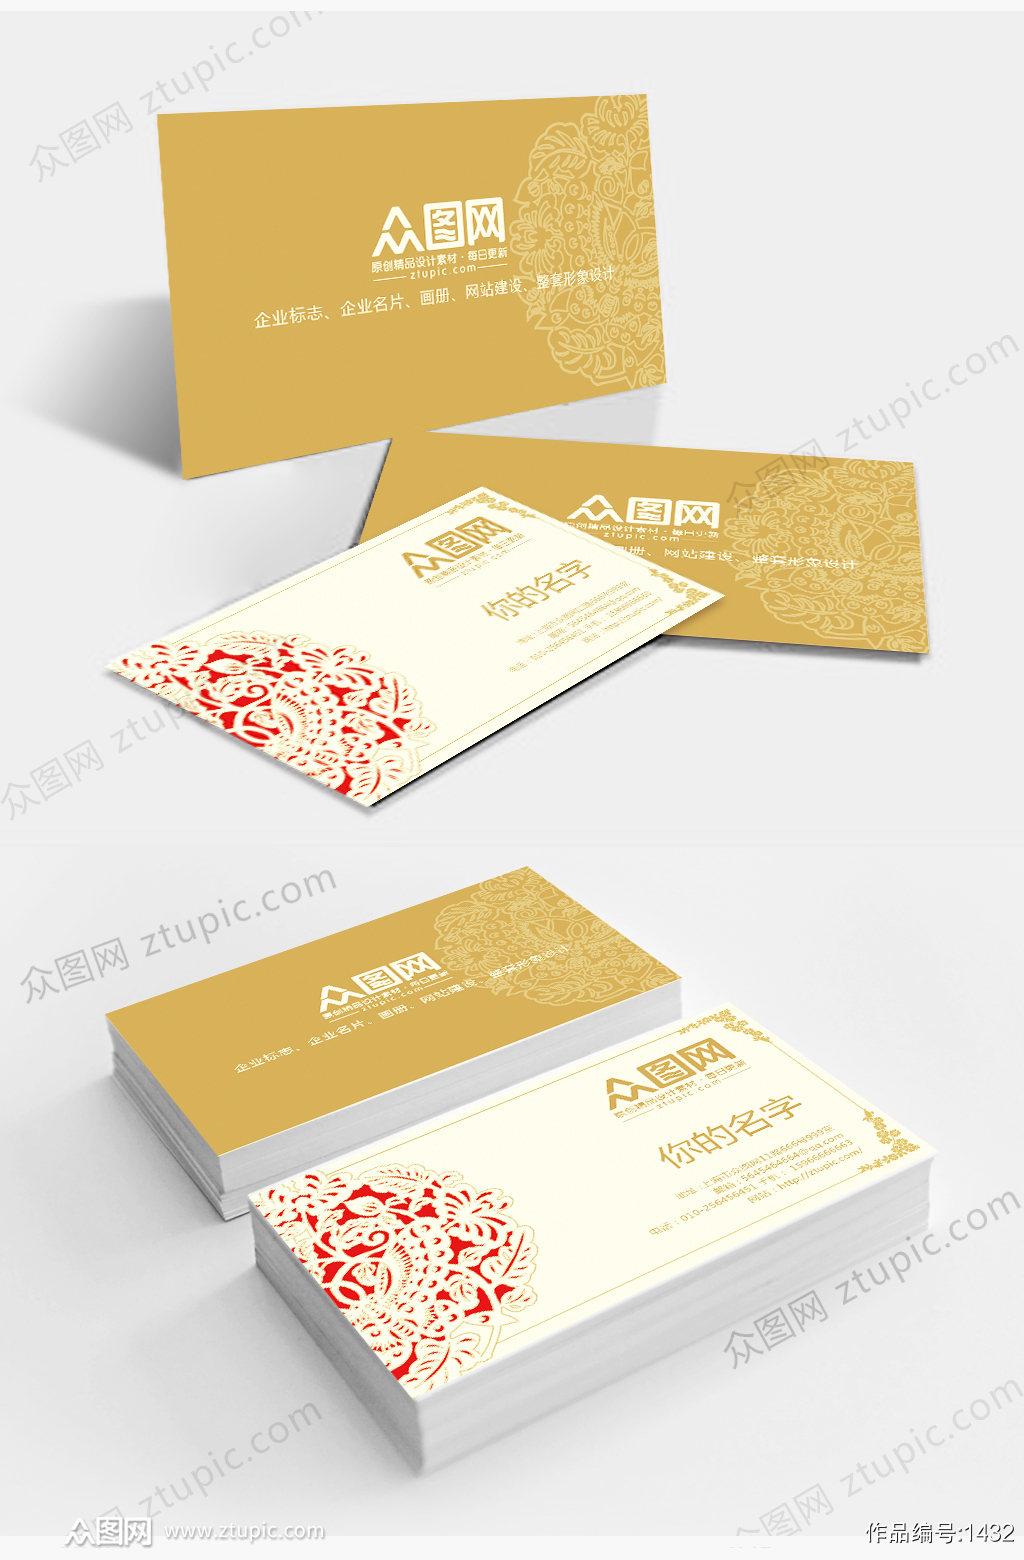 原创竖版公司个人名片设计模板二维码卡片素材